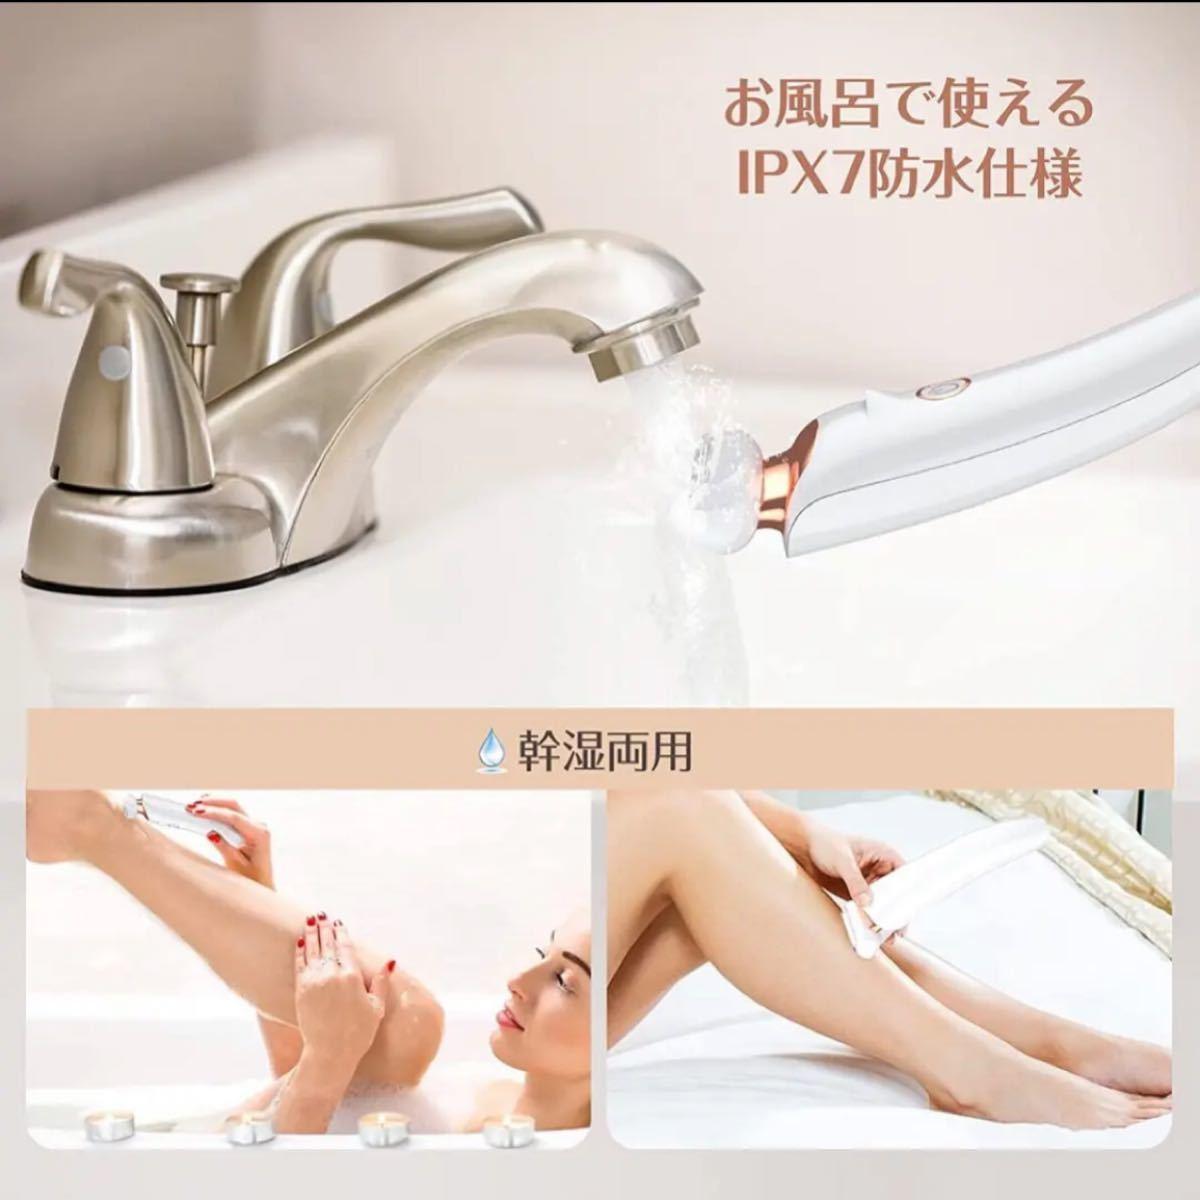 女性用シェーバー ムダ毛処理 VIO専用シェーバー 洗顔 1台3役 多機能